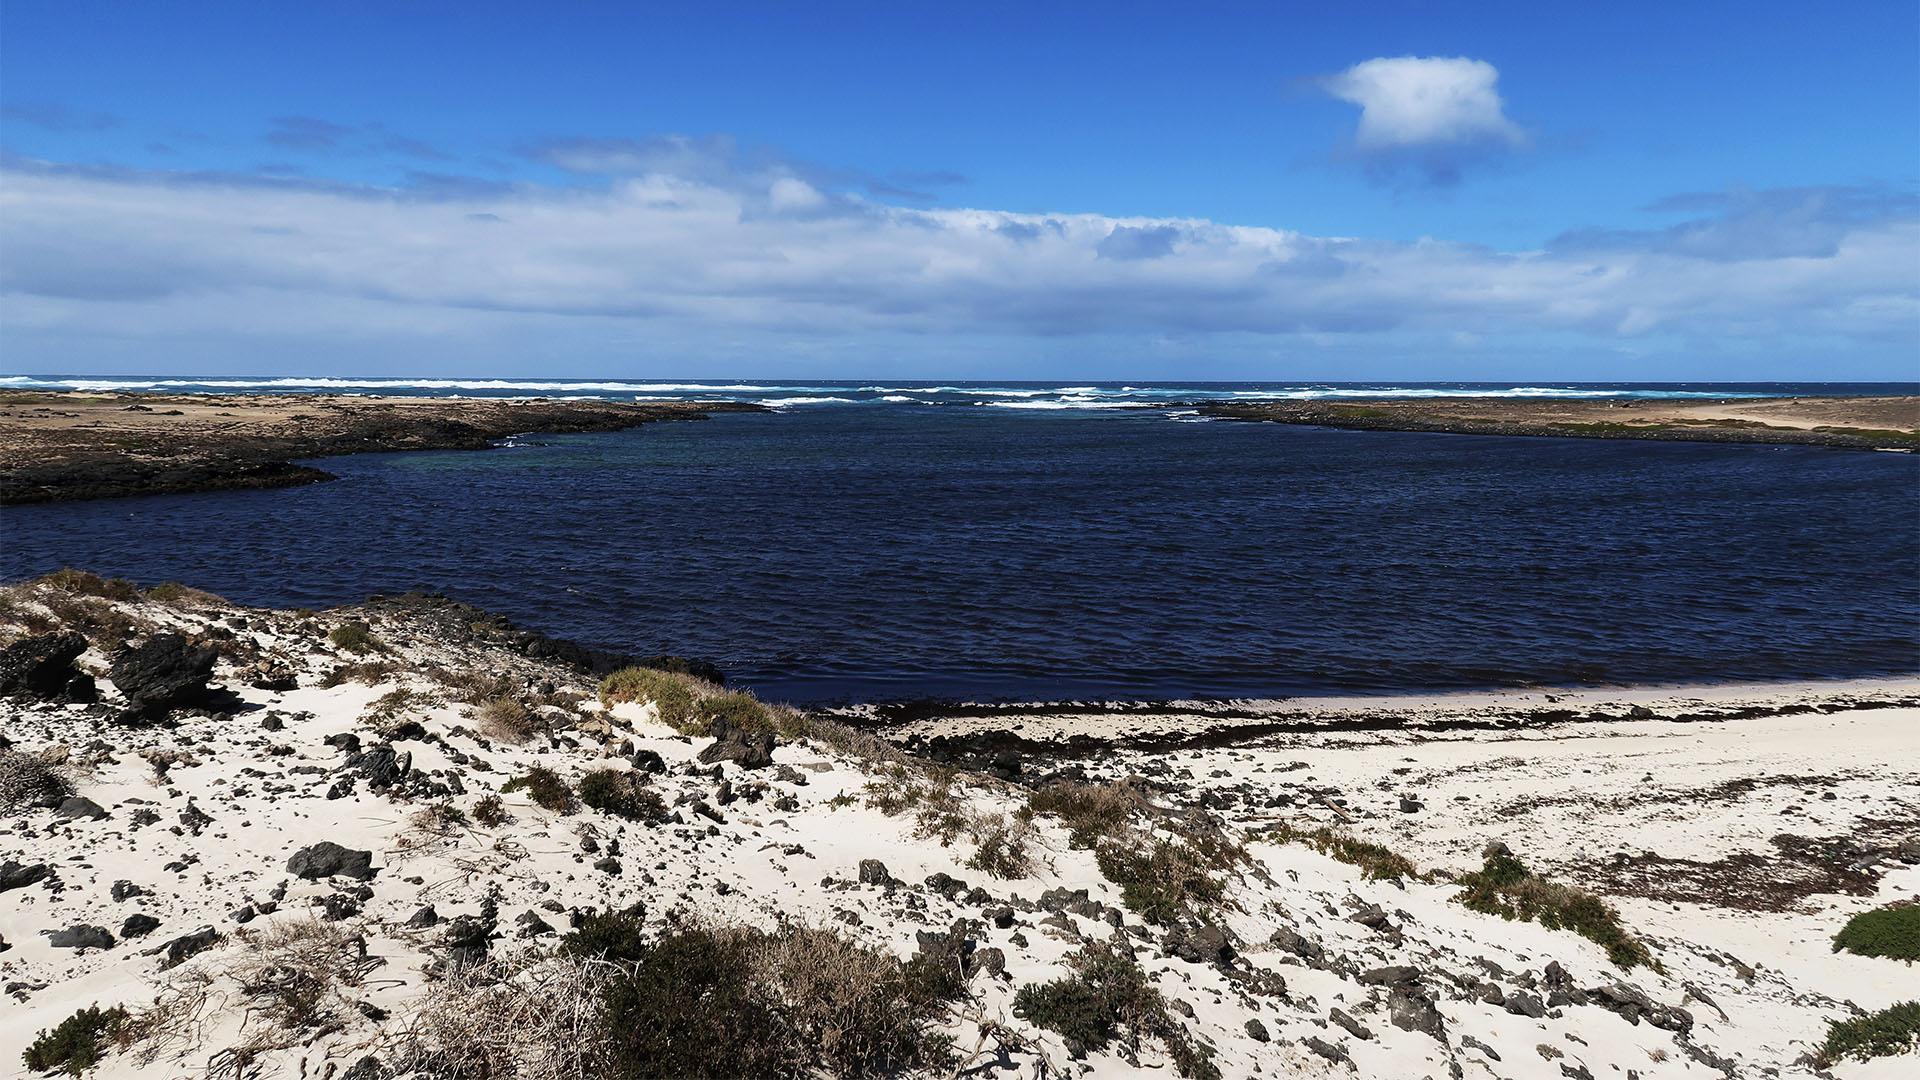 Die Strände im Norden von Fuerteventura – Northshore Caleta de Beatriz.